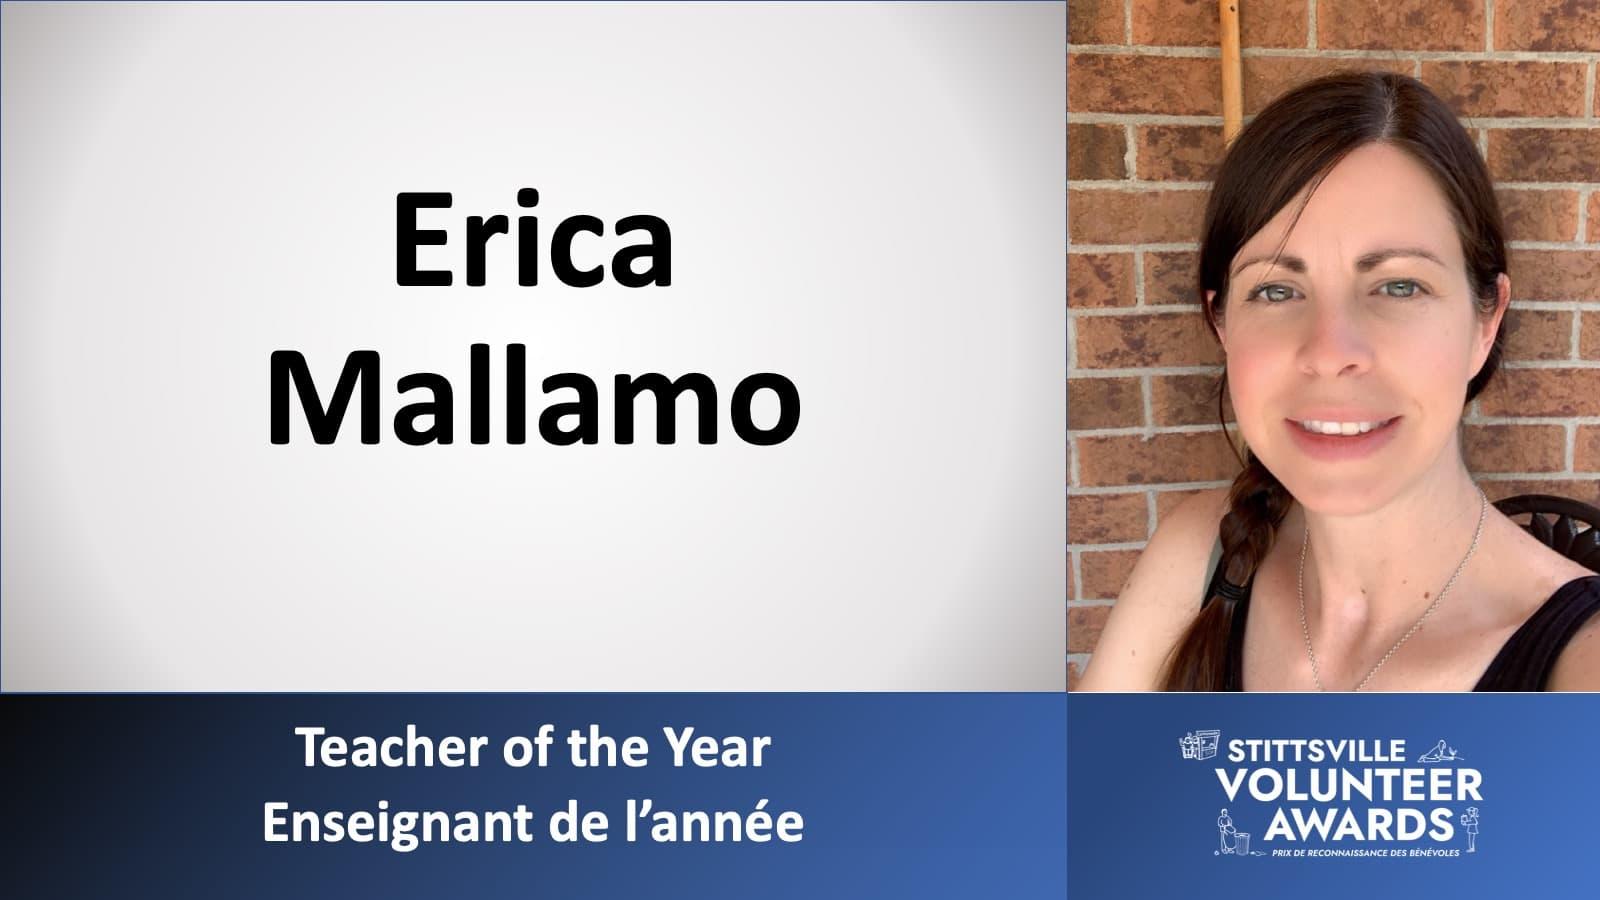 Erica Mallamo